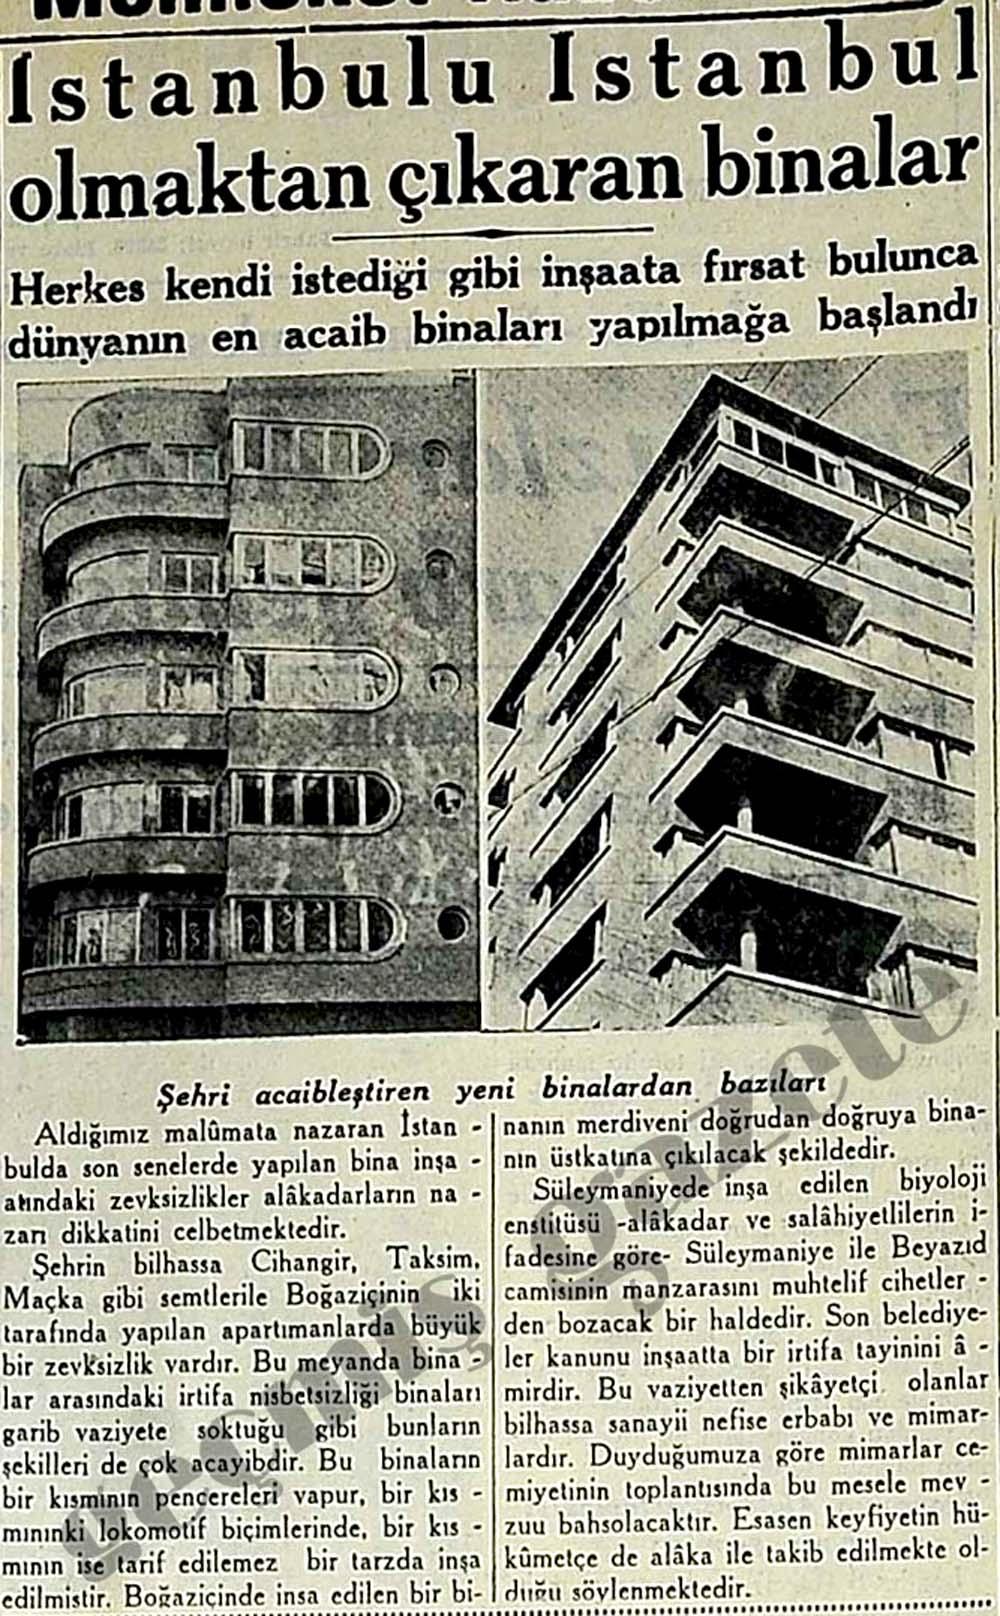 İstanbulu İstanbul olmaktan çıkaran binalar